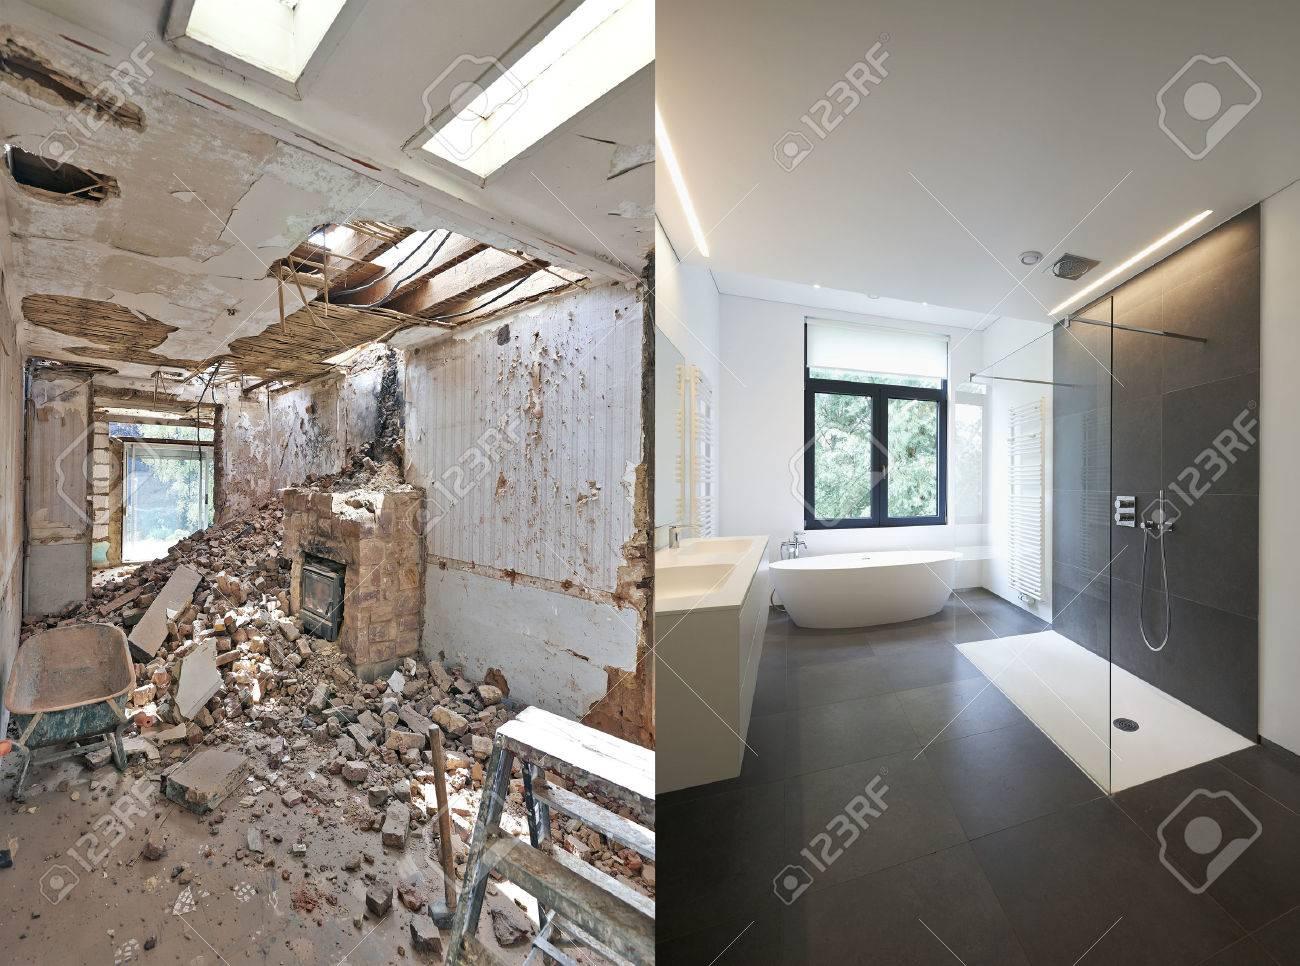 Rénovation Salle De Bain Avant Après rénovation d'une salle de bain avant et après en format horizontal